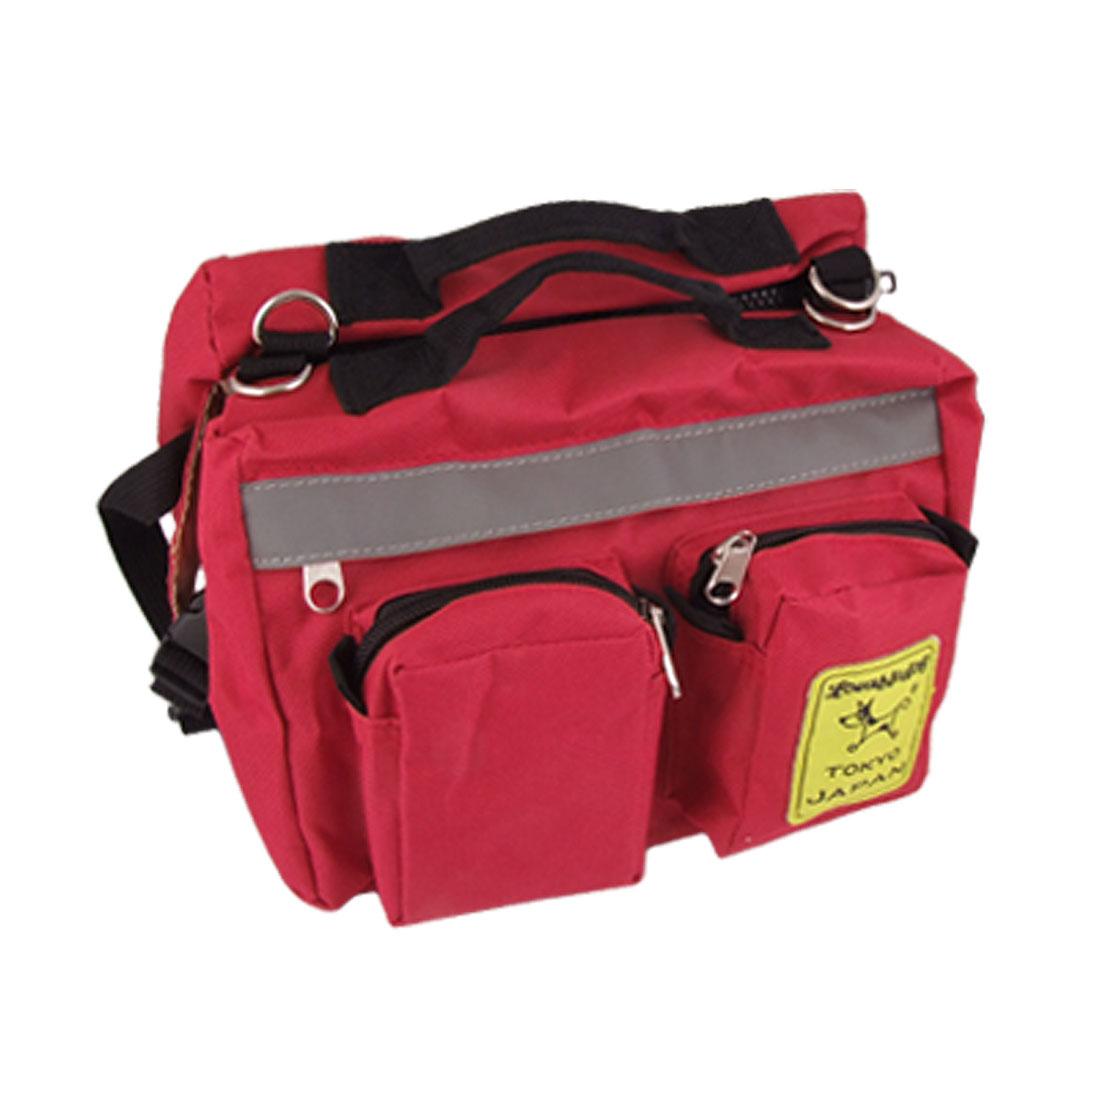 Unique Bargains Multifunctional Hiking Traveling Pet Dog Cat Backpack Knapsack Saddlebag Size L